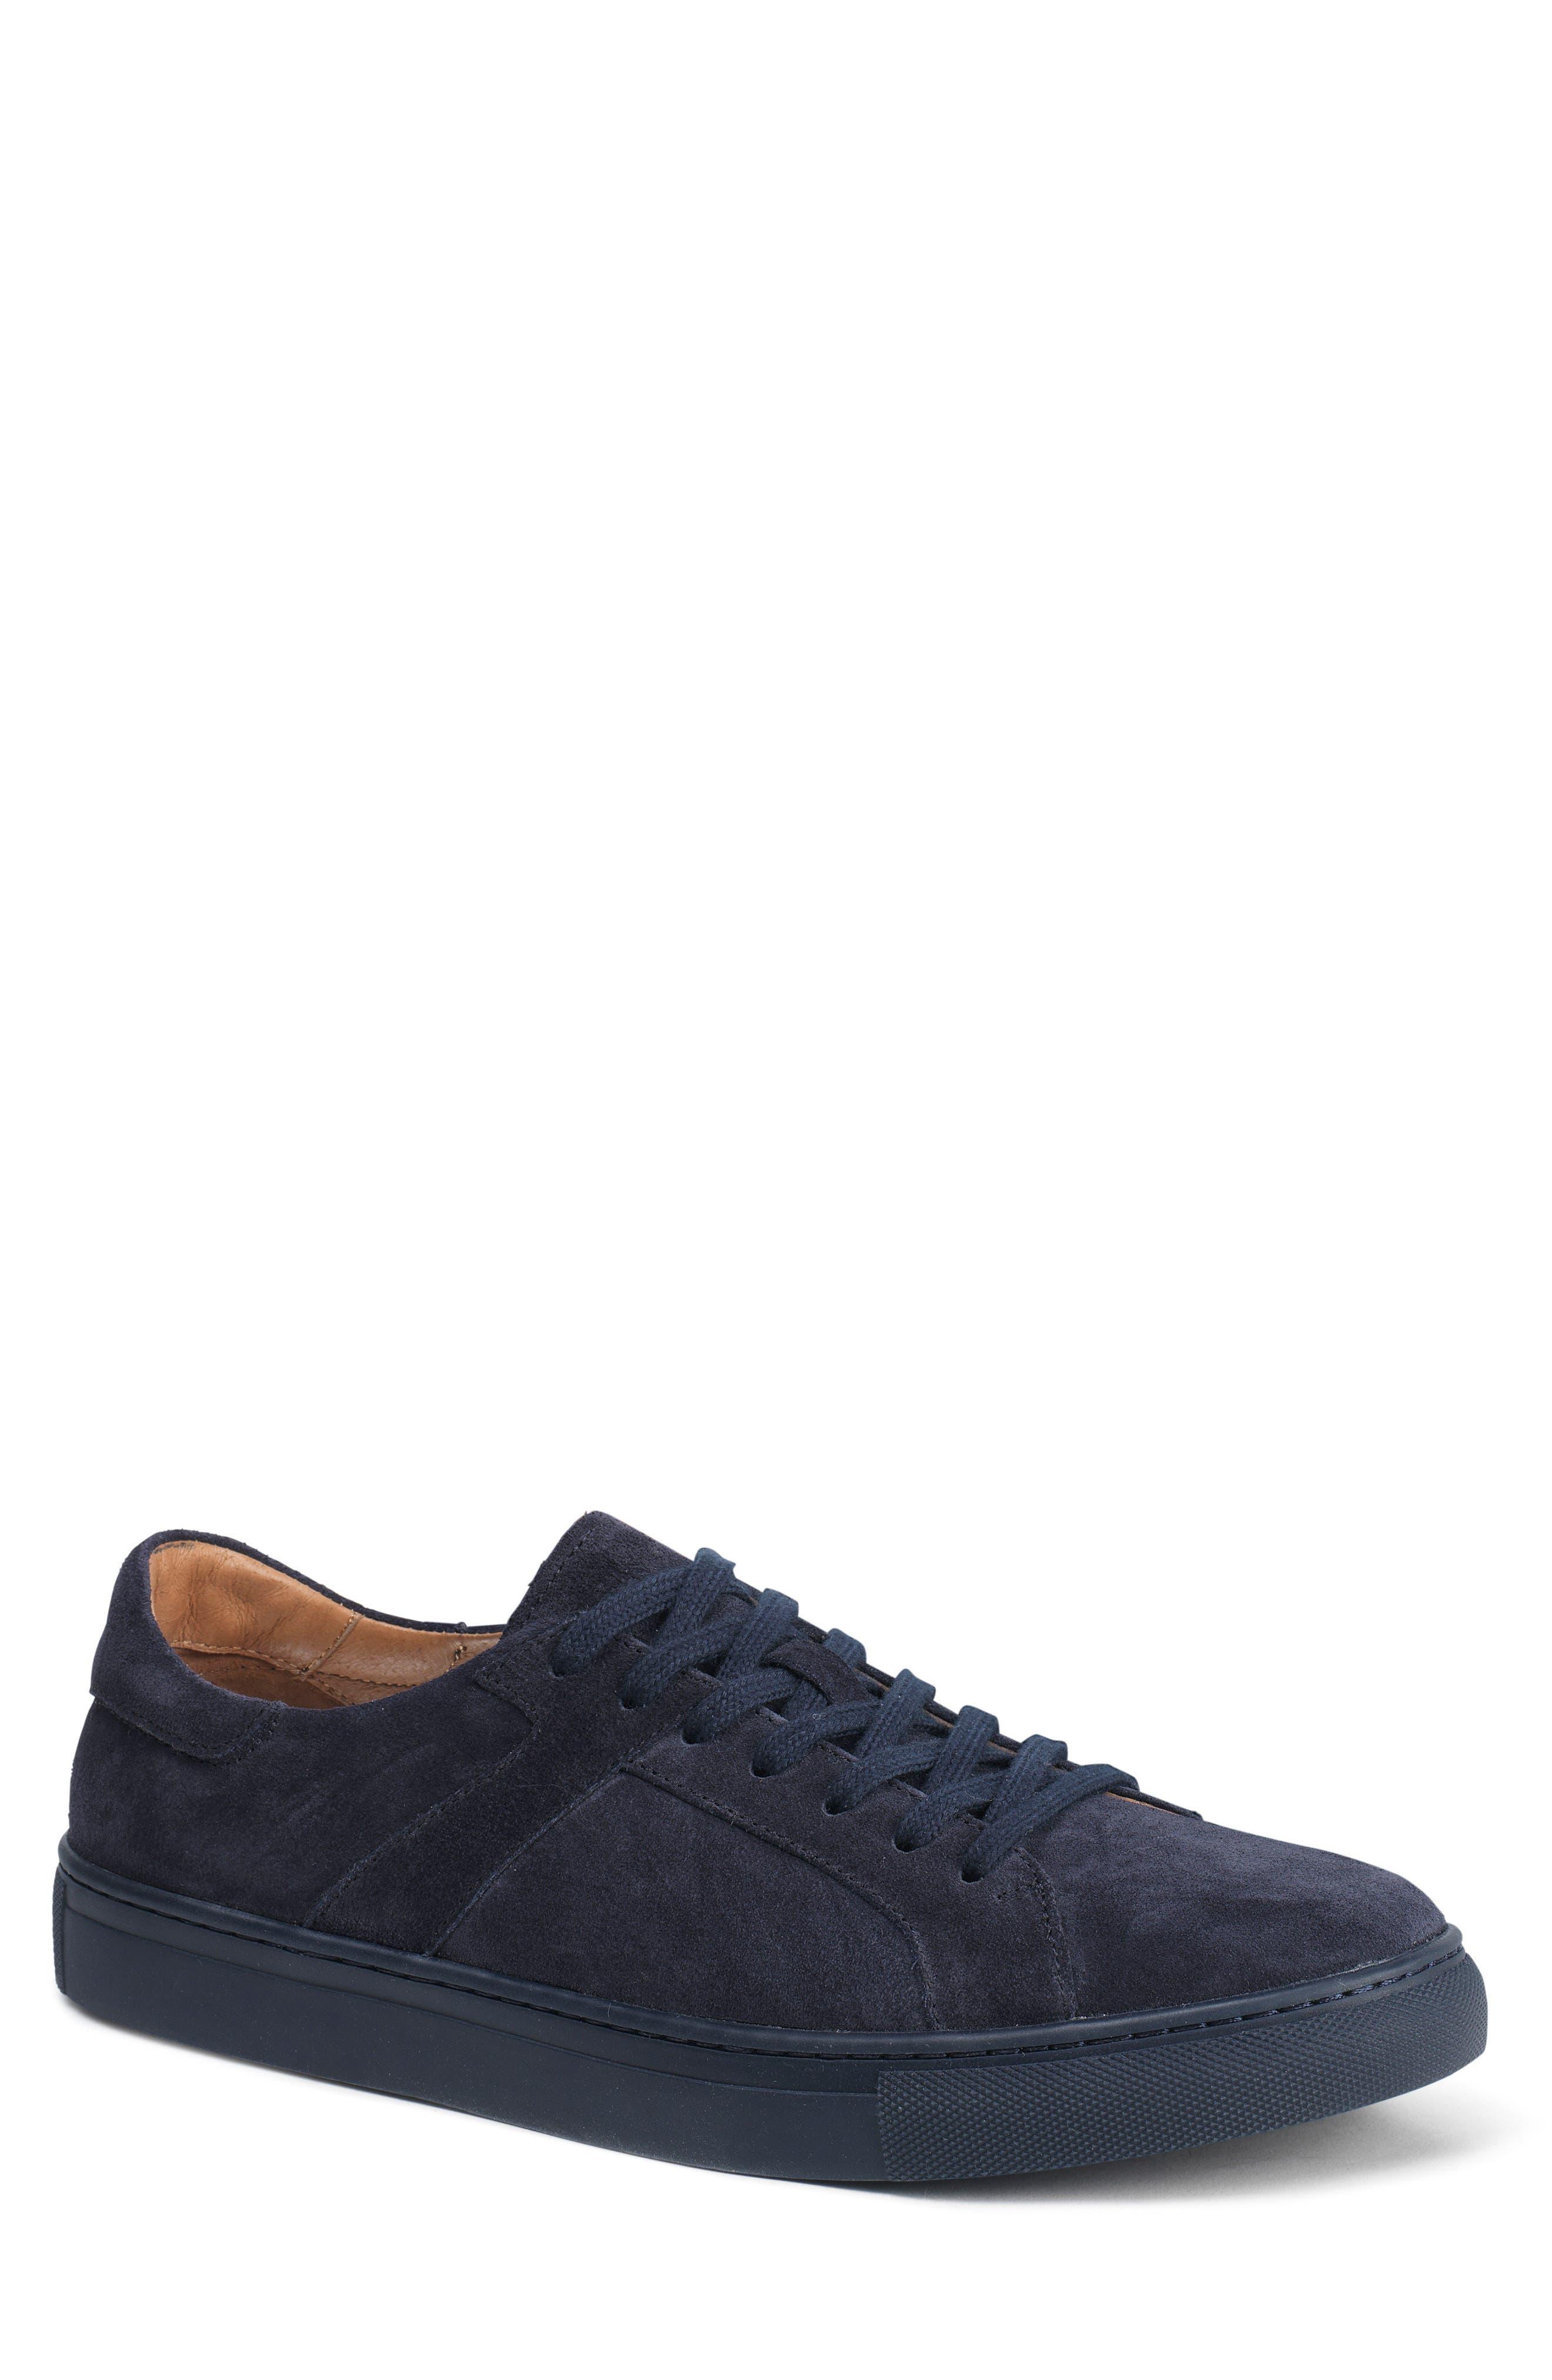 Trask Aaron Sneaker, Blue